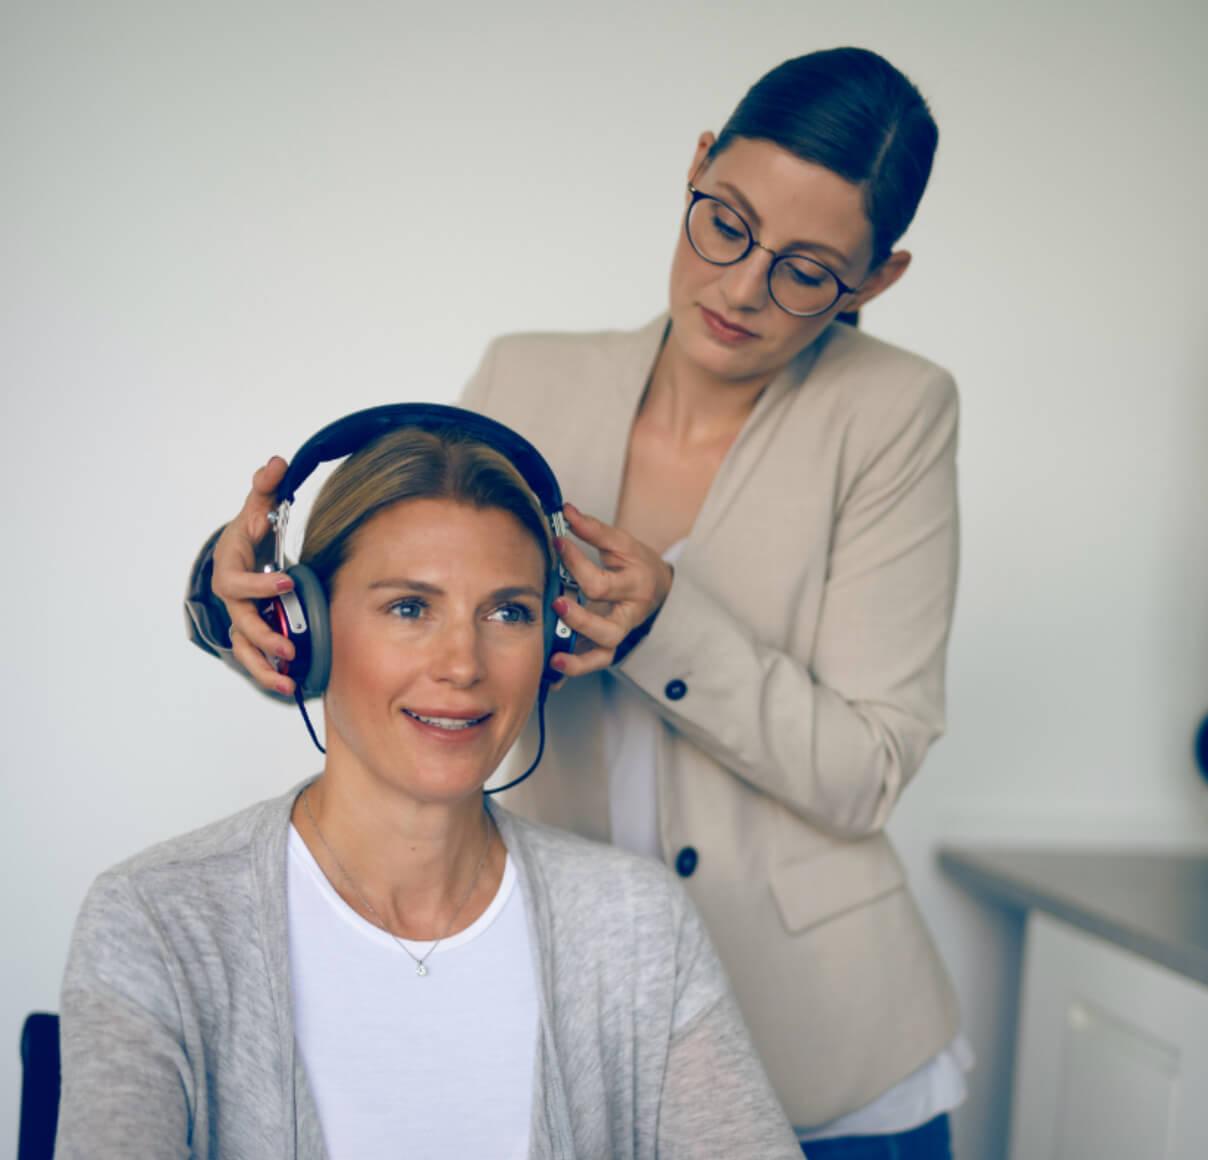 Frau testet Tinnitus-Noiser